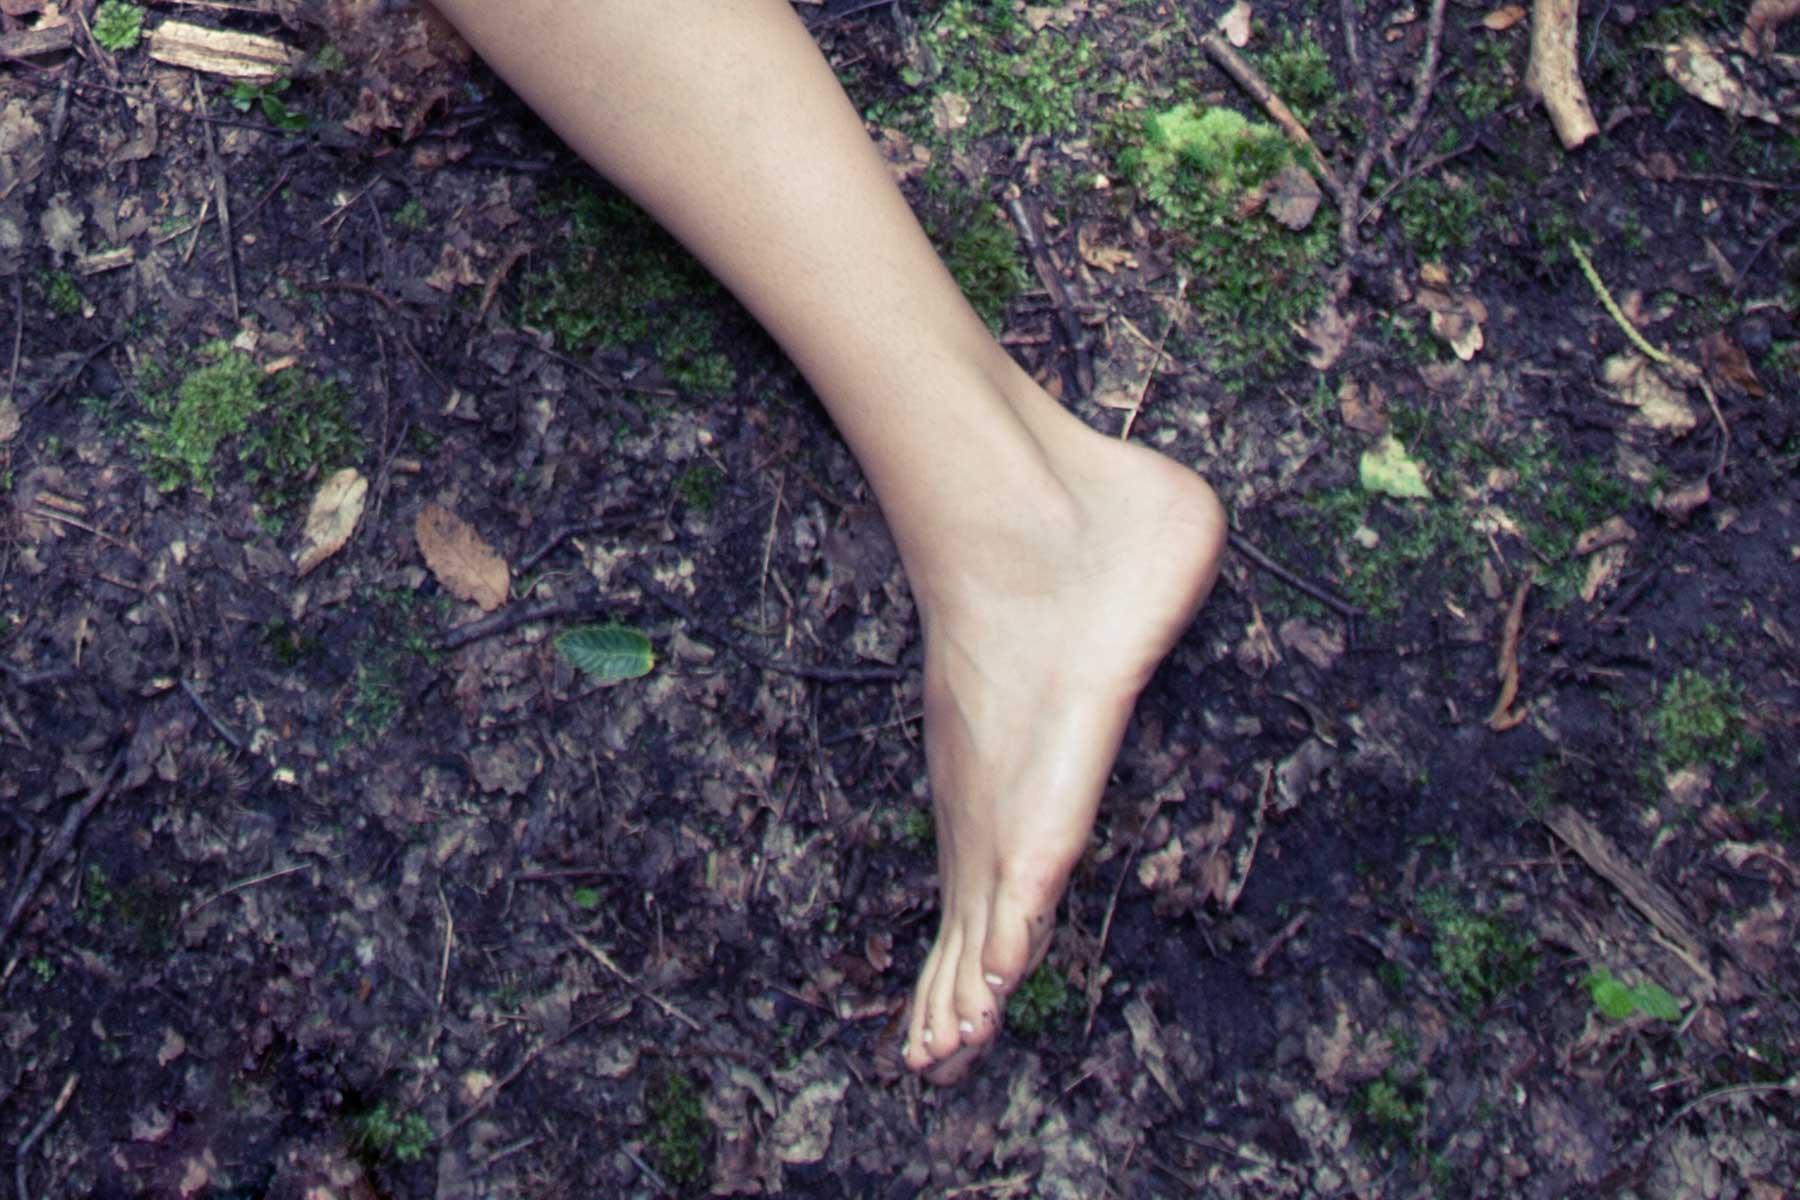 The-Forest-Magazine_Linda-Tuloup_Elisa-Meliani_0005